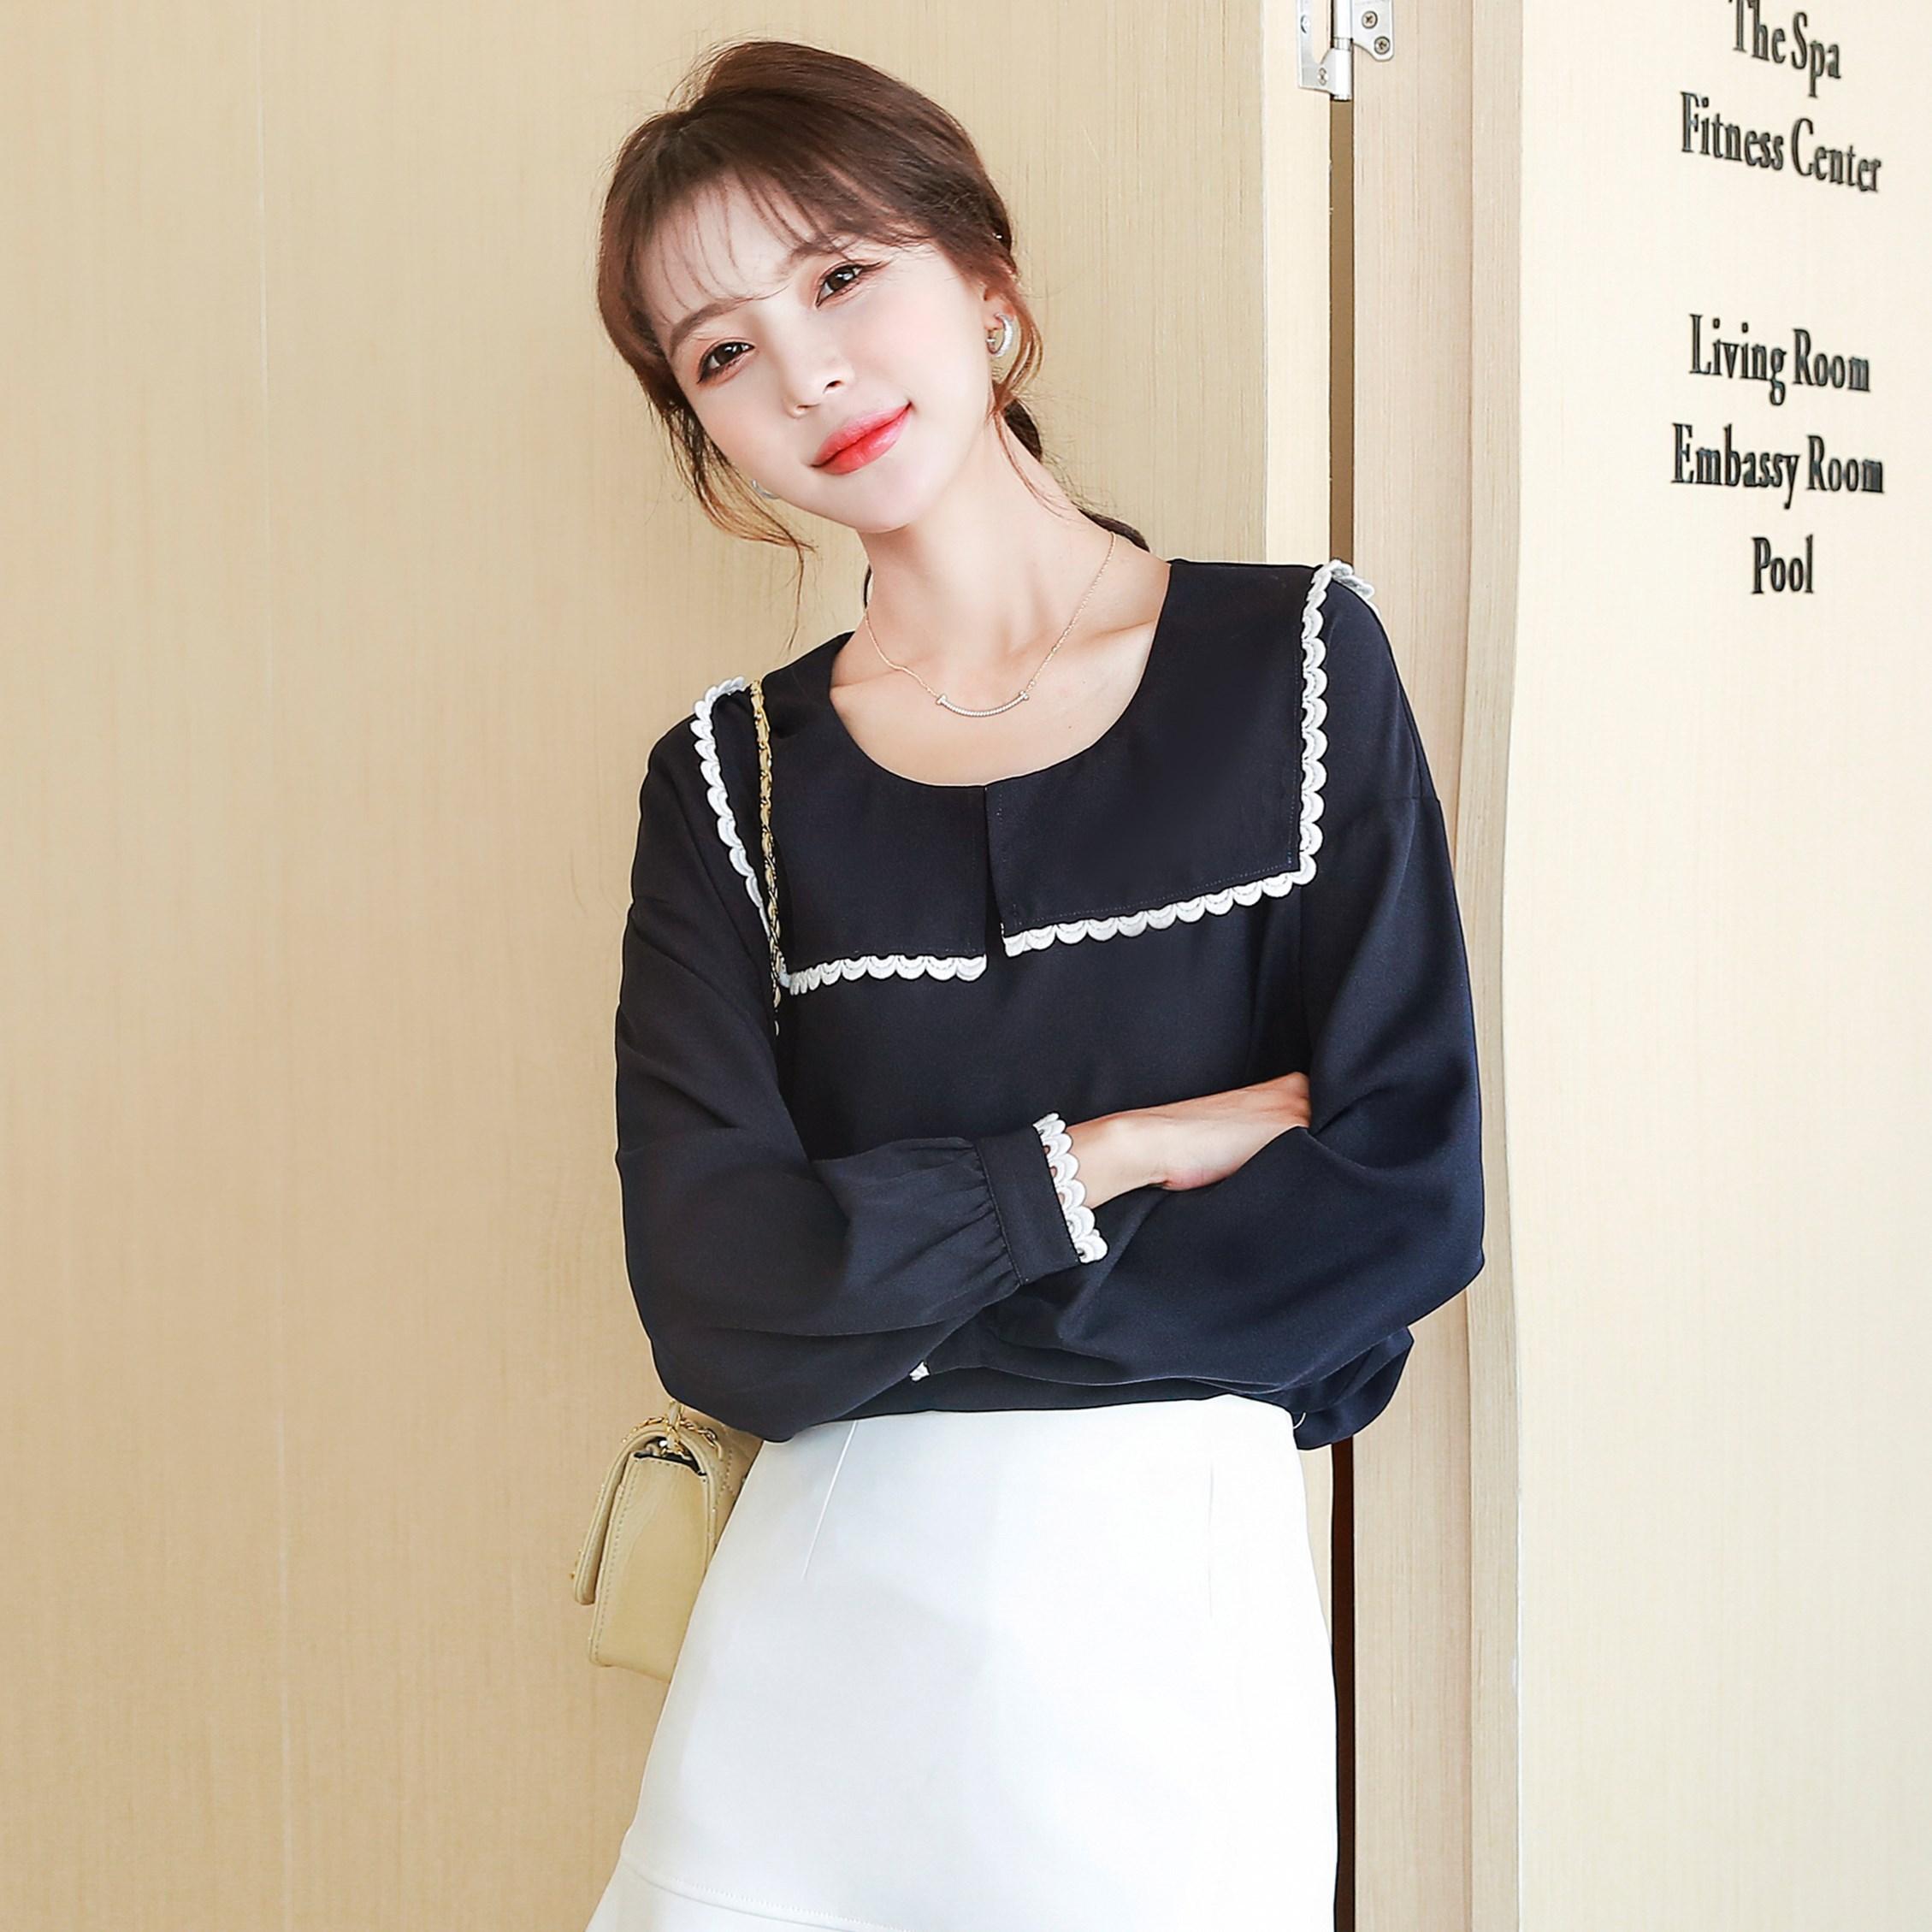 COIGARSAM estilo Preppy blusa nueva primavera Vintage de manga completa chifón suelto blusas tops y blusas para mujer 5106 Azul Marino